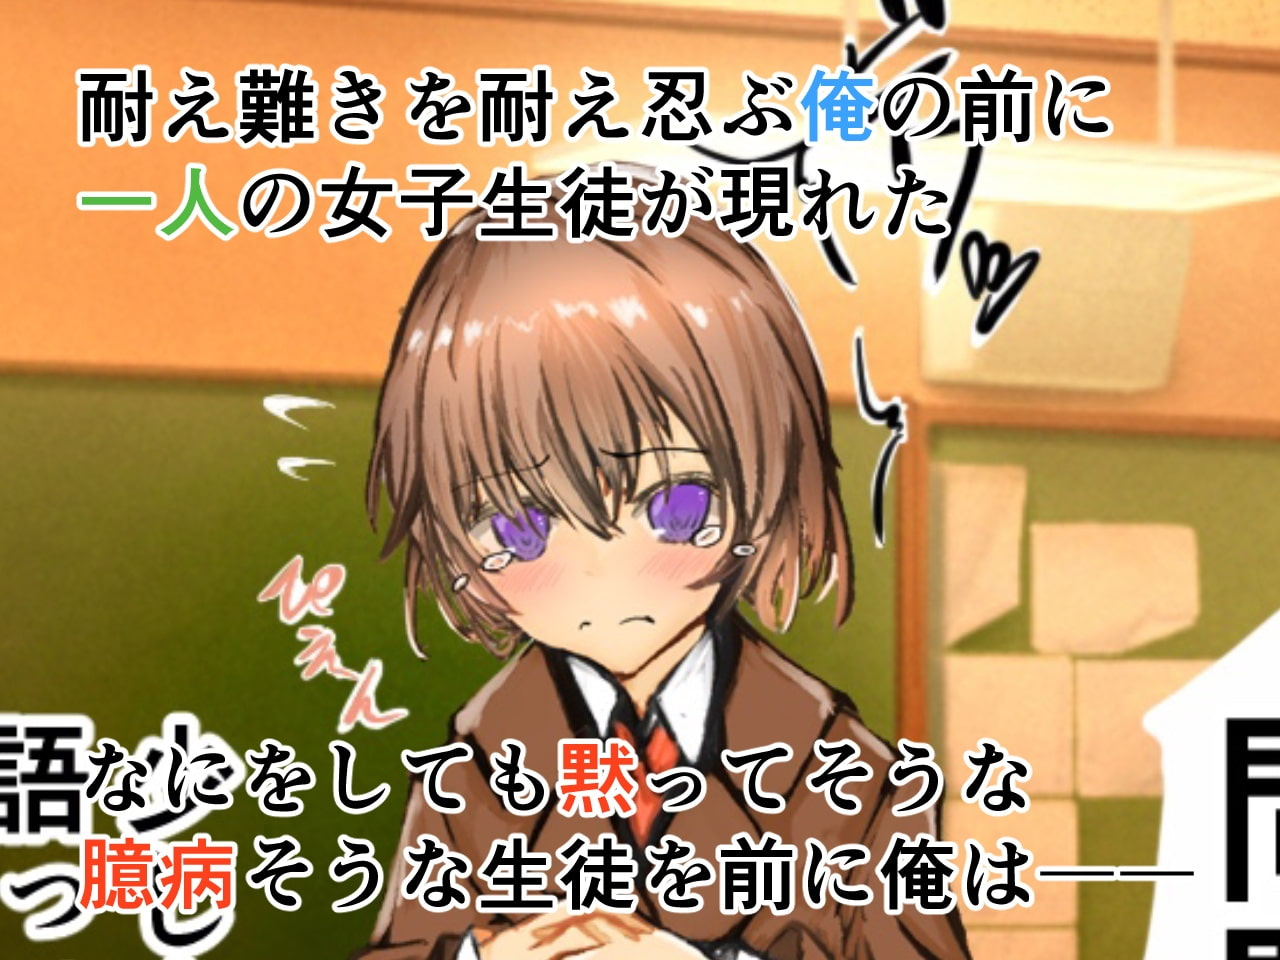 RJ318277 ○年○組○○ちゃん 教育熱心な先生に犯される [20210227]